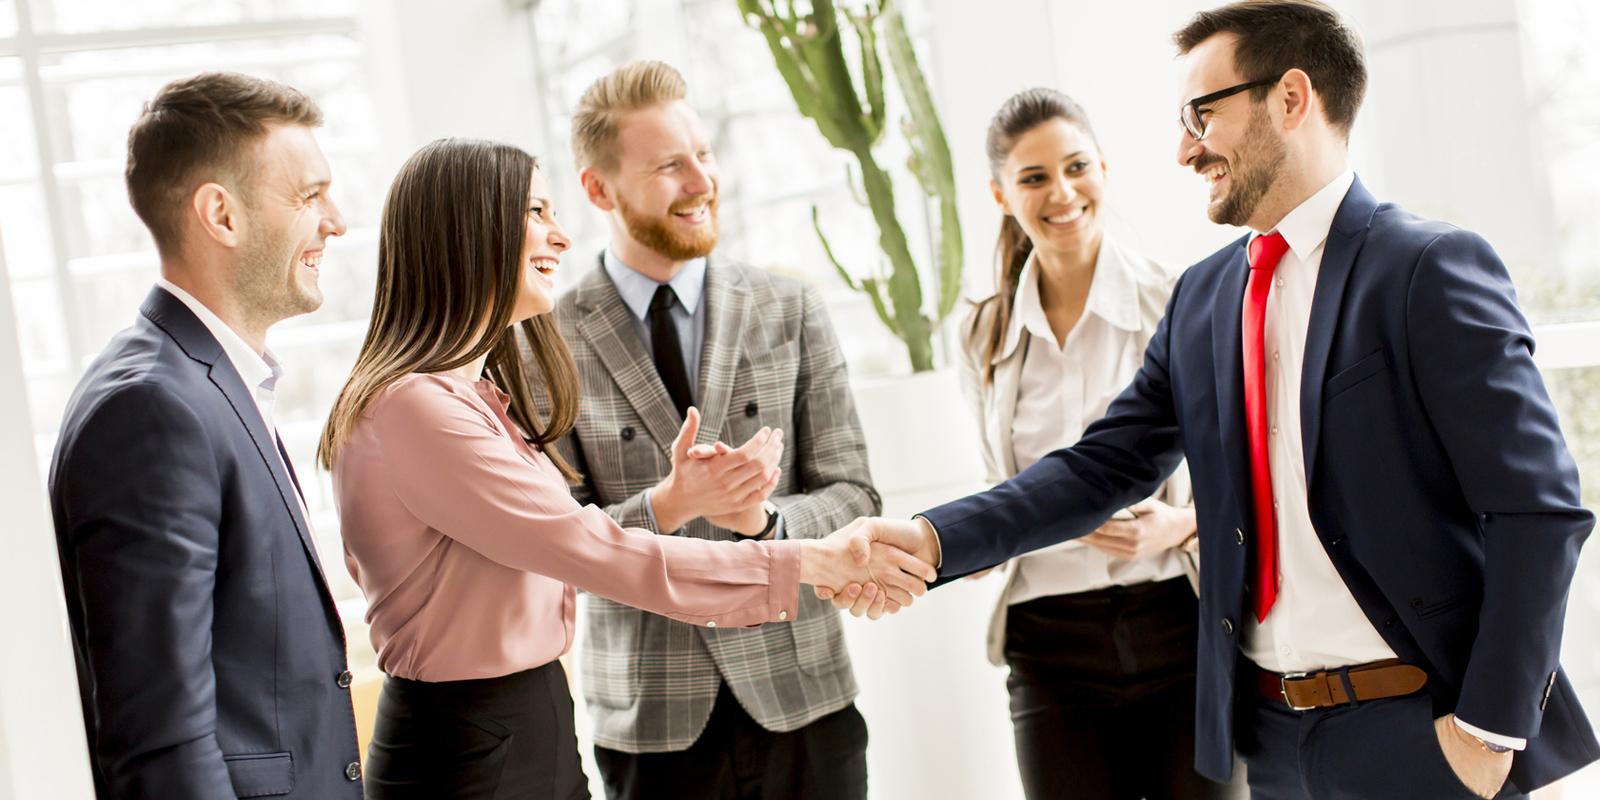 Tout ce qu'il faut savoir sur les mutuelles santé d'entreprise